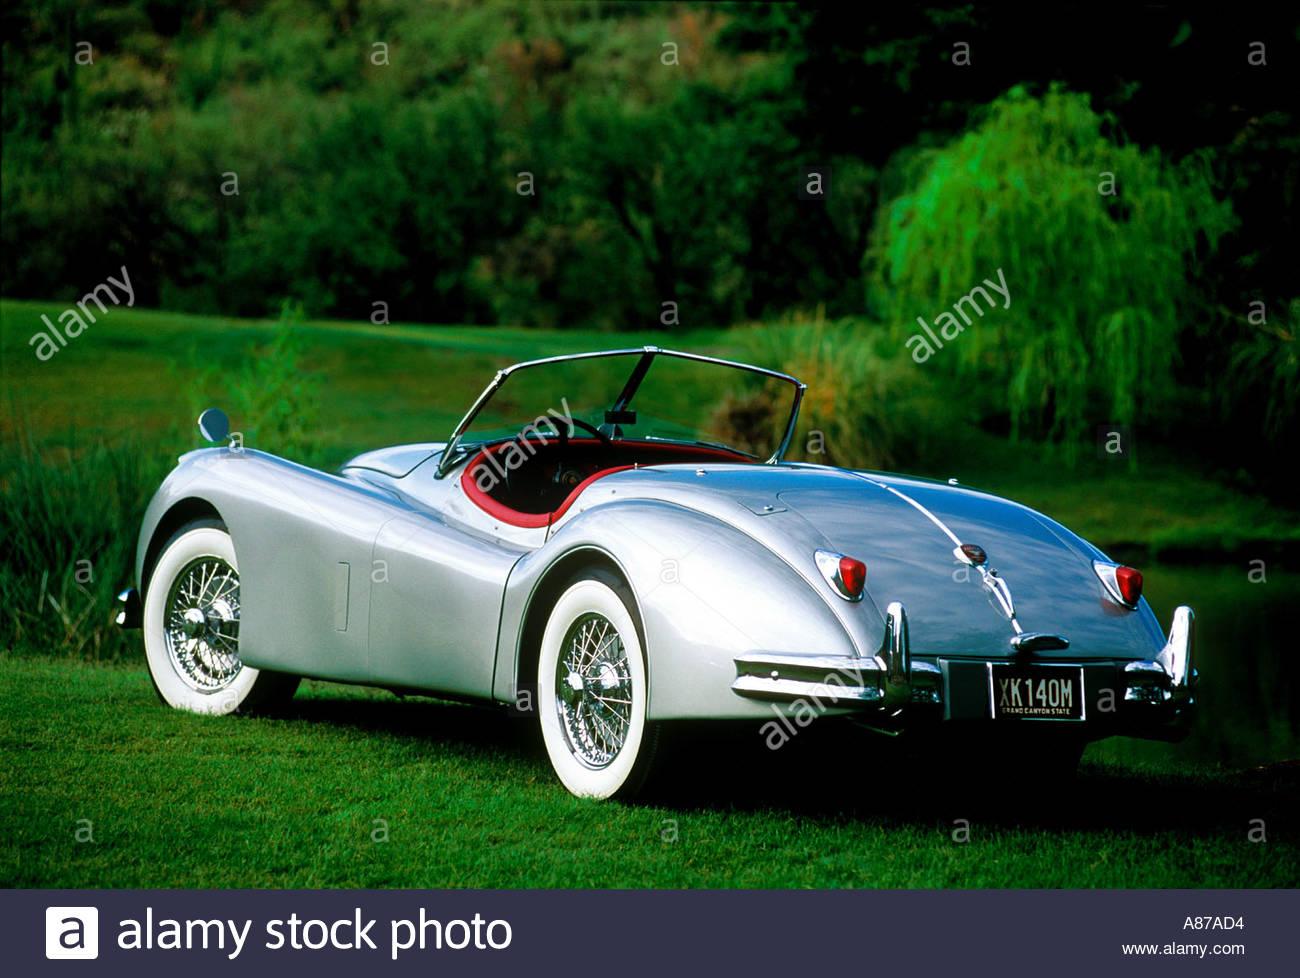 Silver Jaguar XK 140 Roadster 1954 Vintage Car On Green Grass